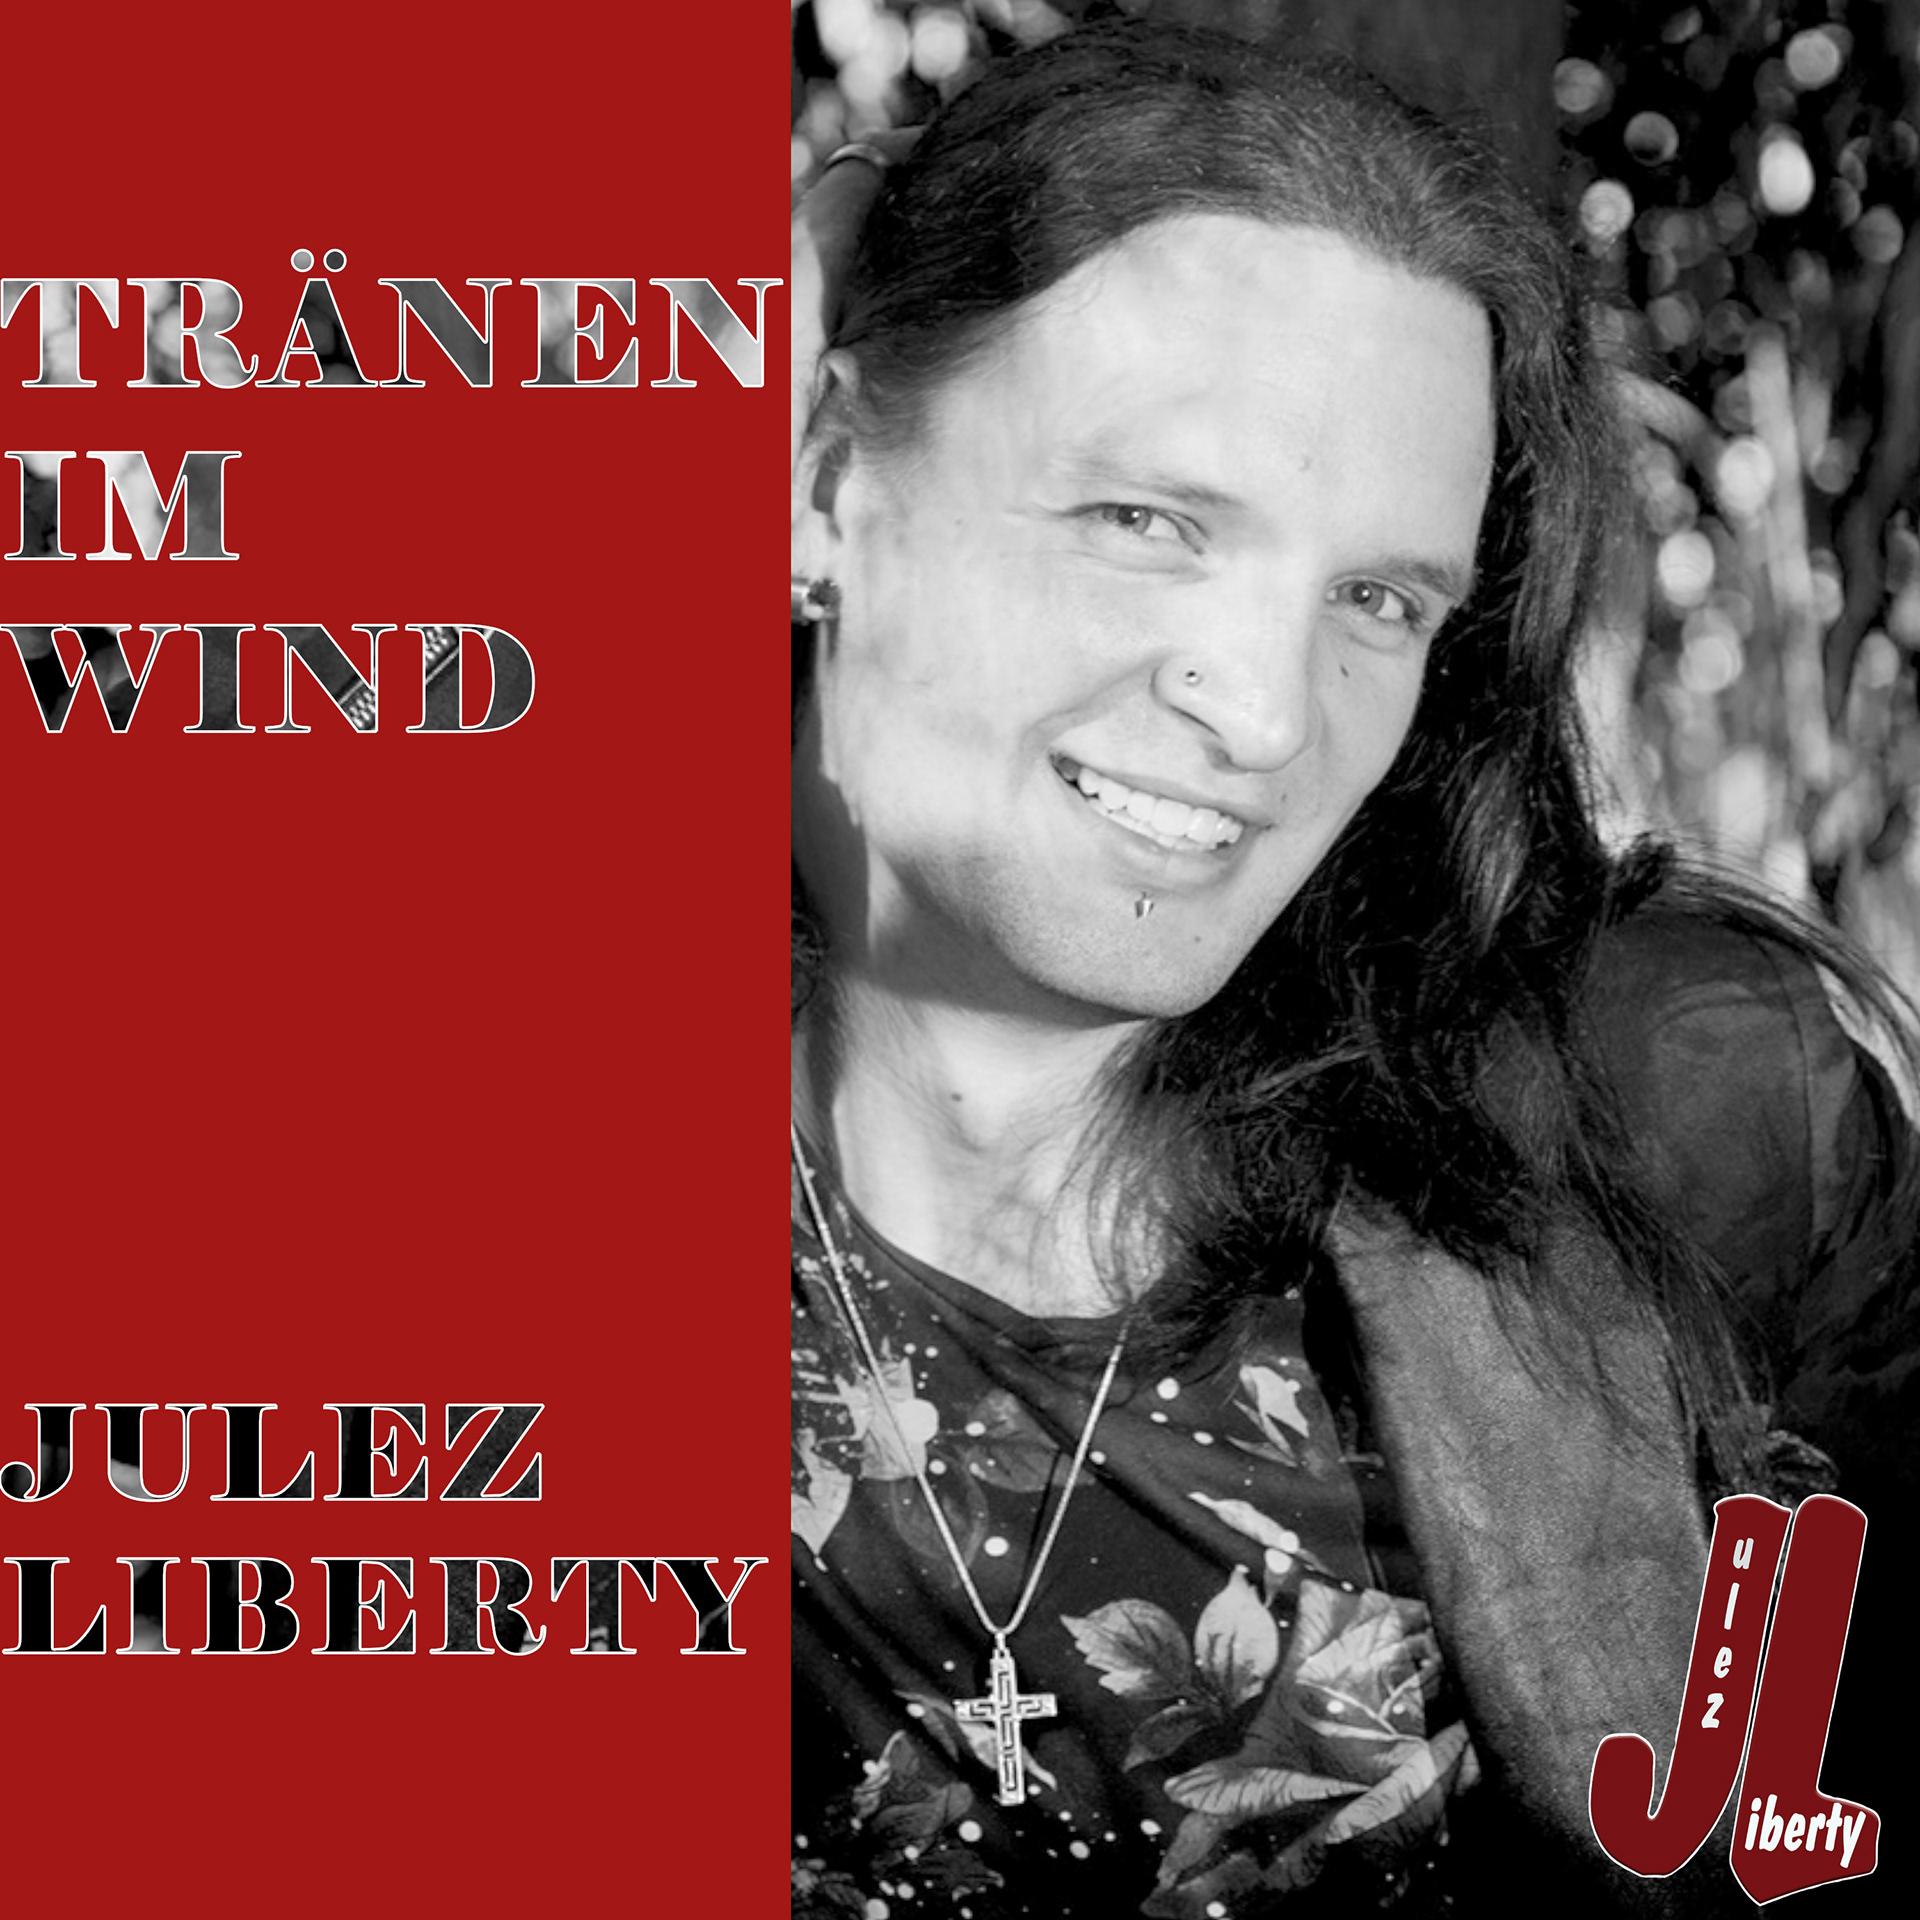 Julez Liberty - Tränen im Wind (2020)